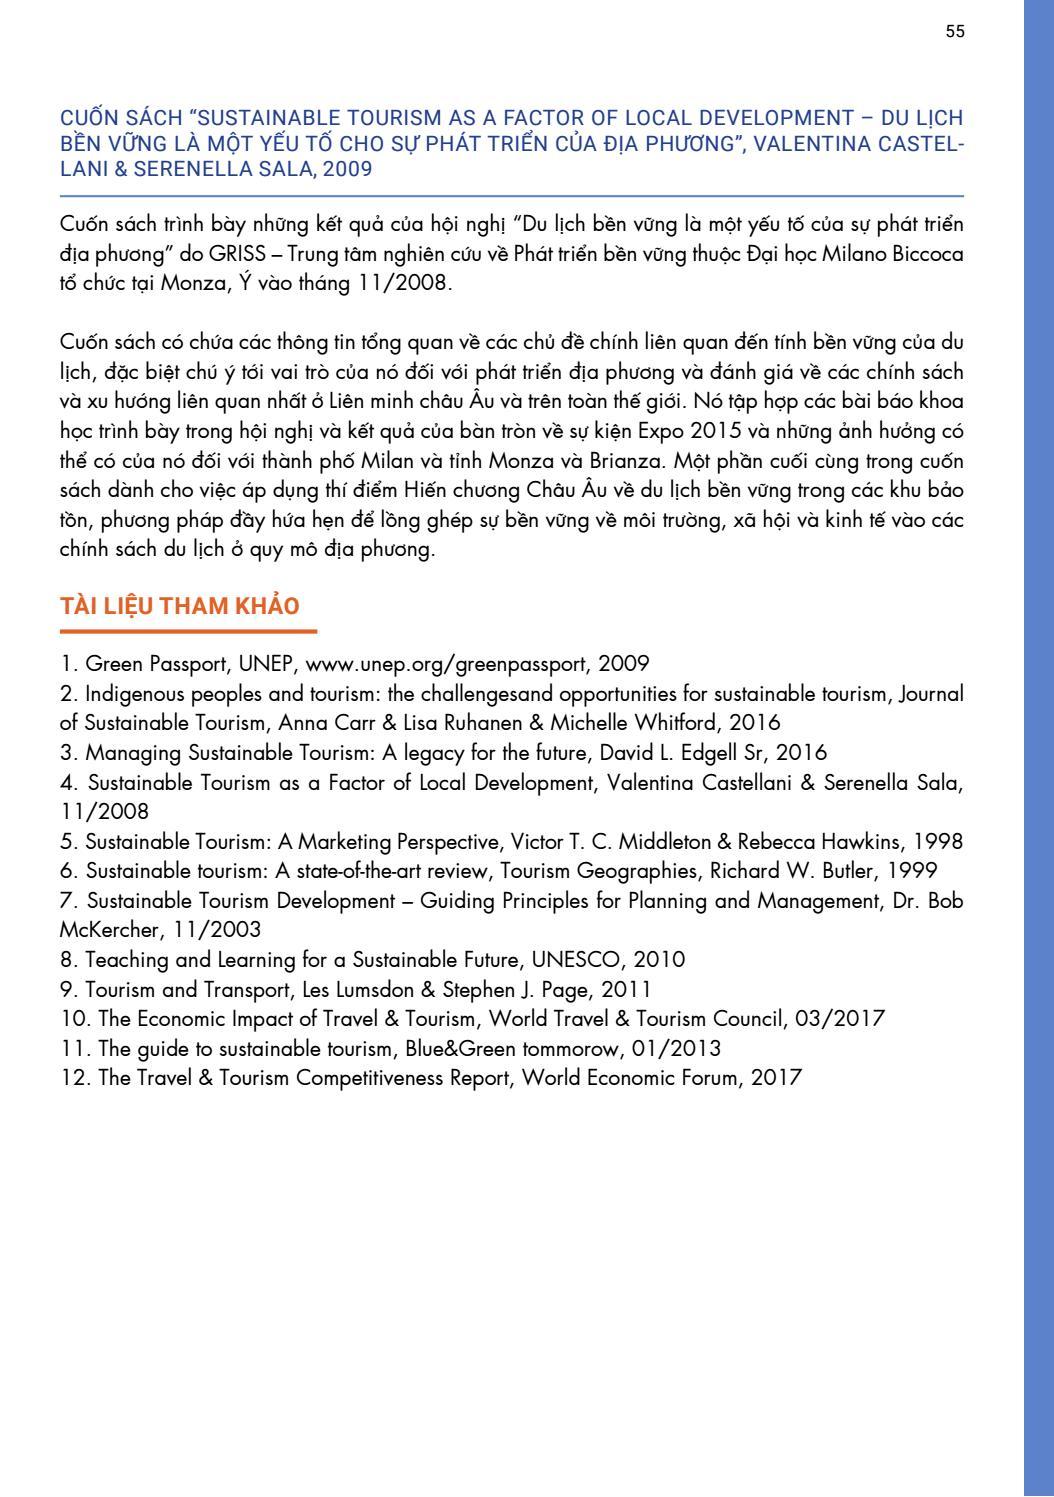 [Tài liệu LSST] Du lịch có trách nhiệm page 55